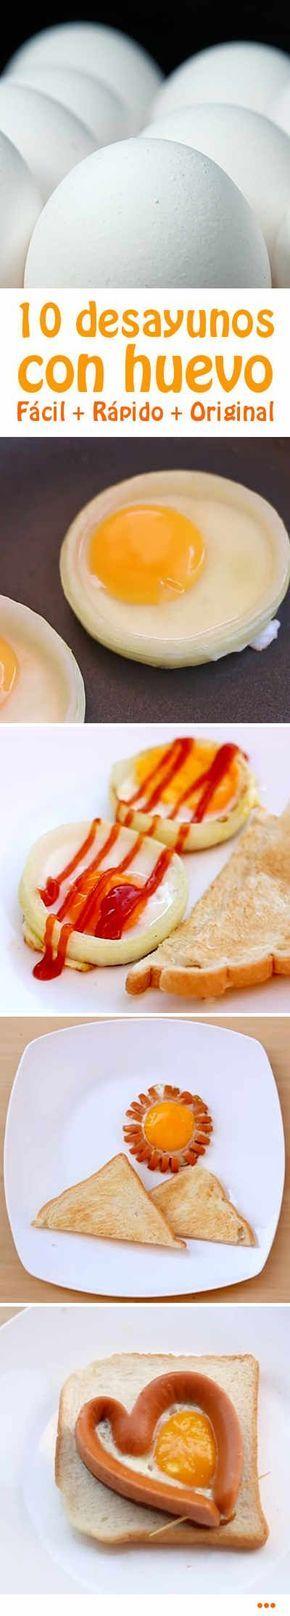 10 desayunos con huevo. Fácil. Rápido. Original. #desayuno #huevo #recetas #rapido #original #video